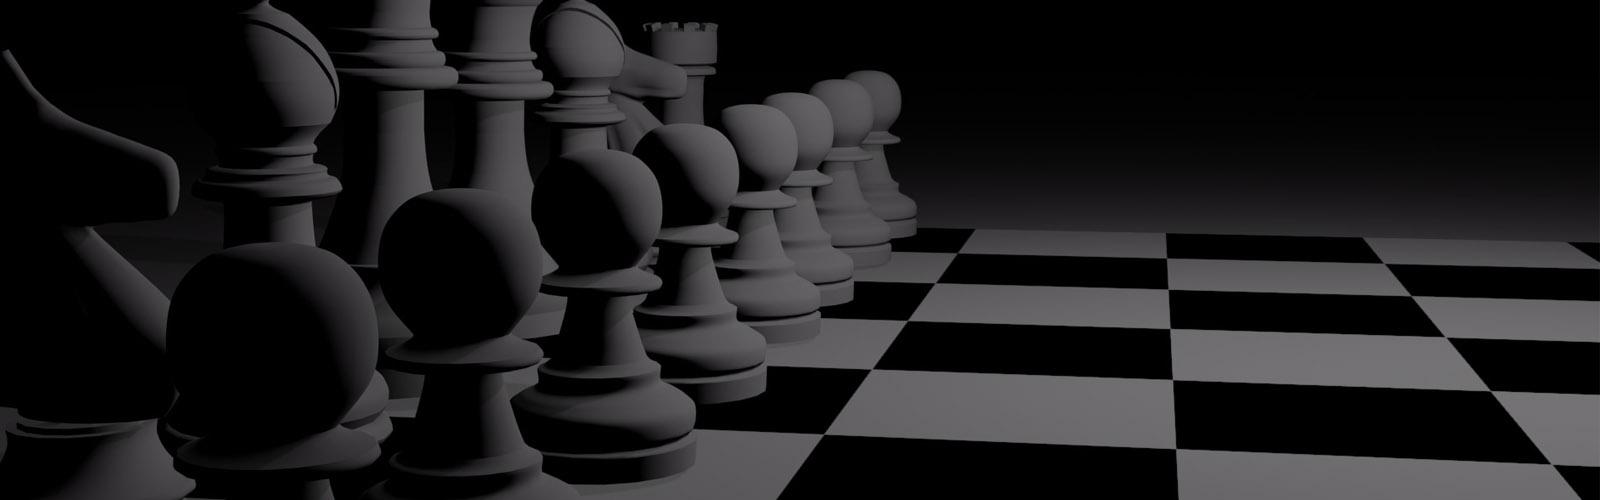 Decisões estratégicas: cuidado ao delegá-las